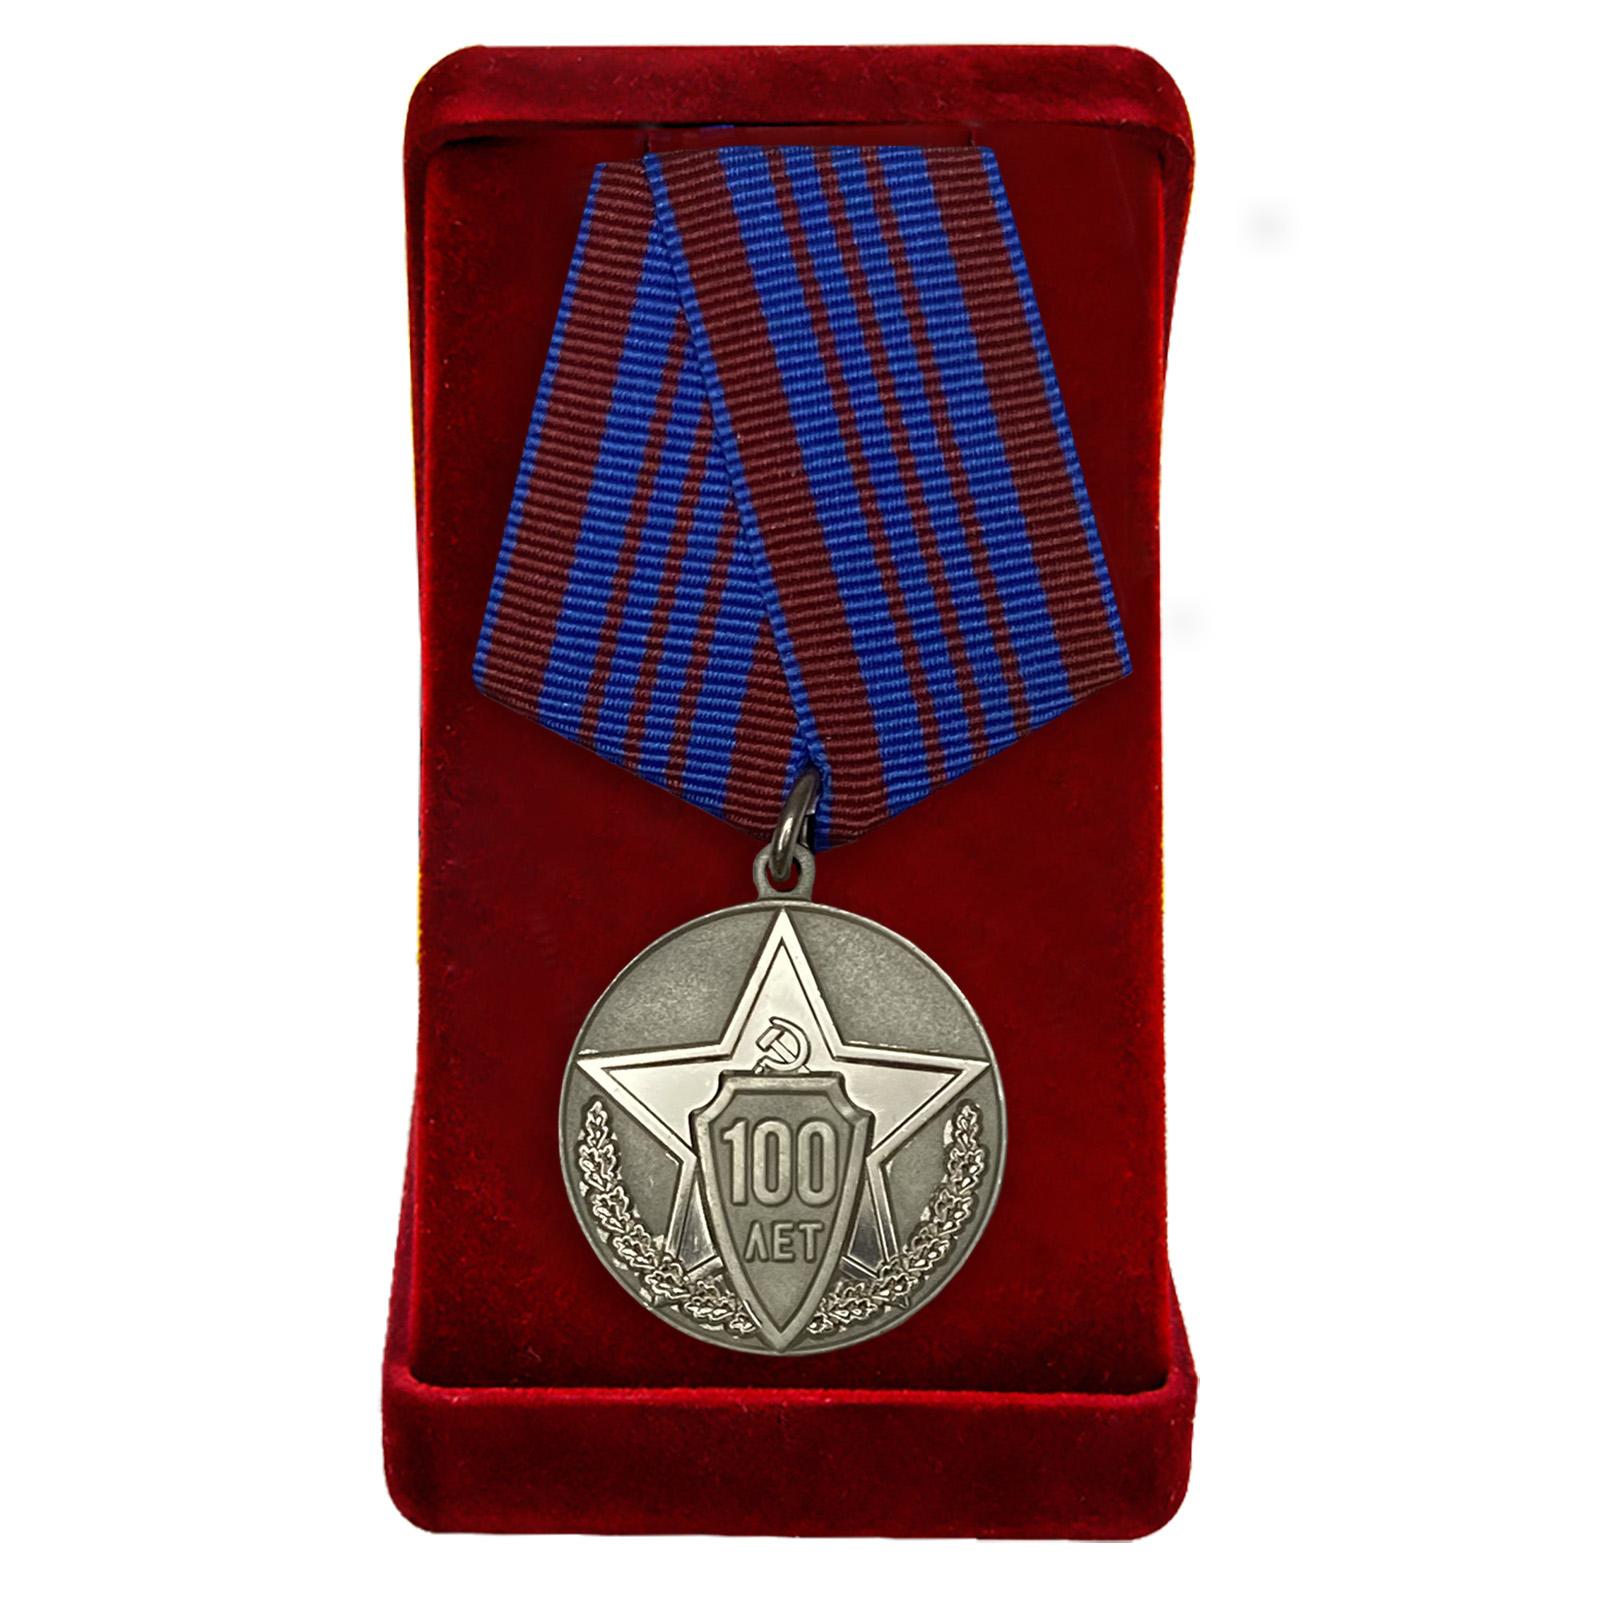 Юбилейная медаль полиции России в футляре